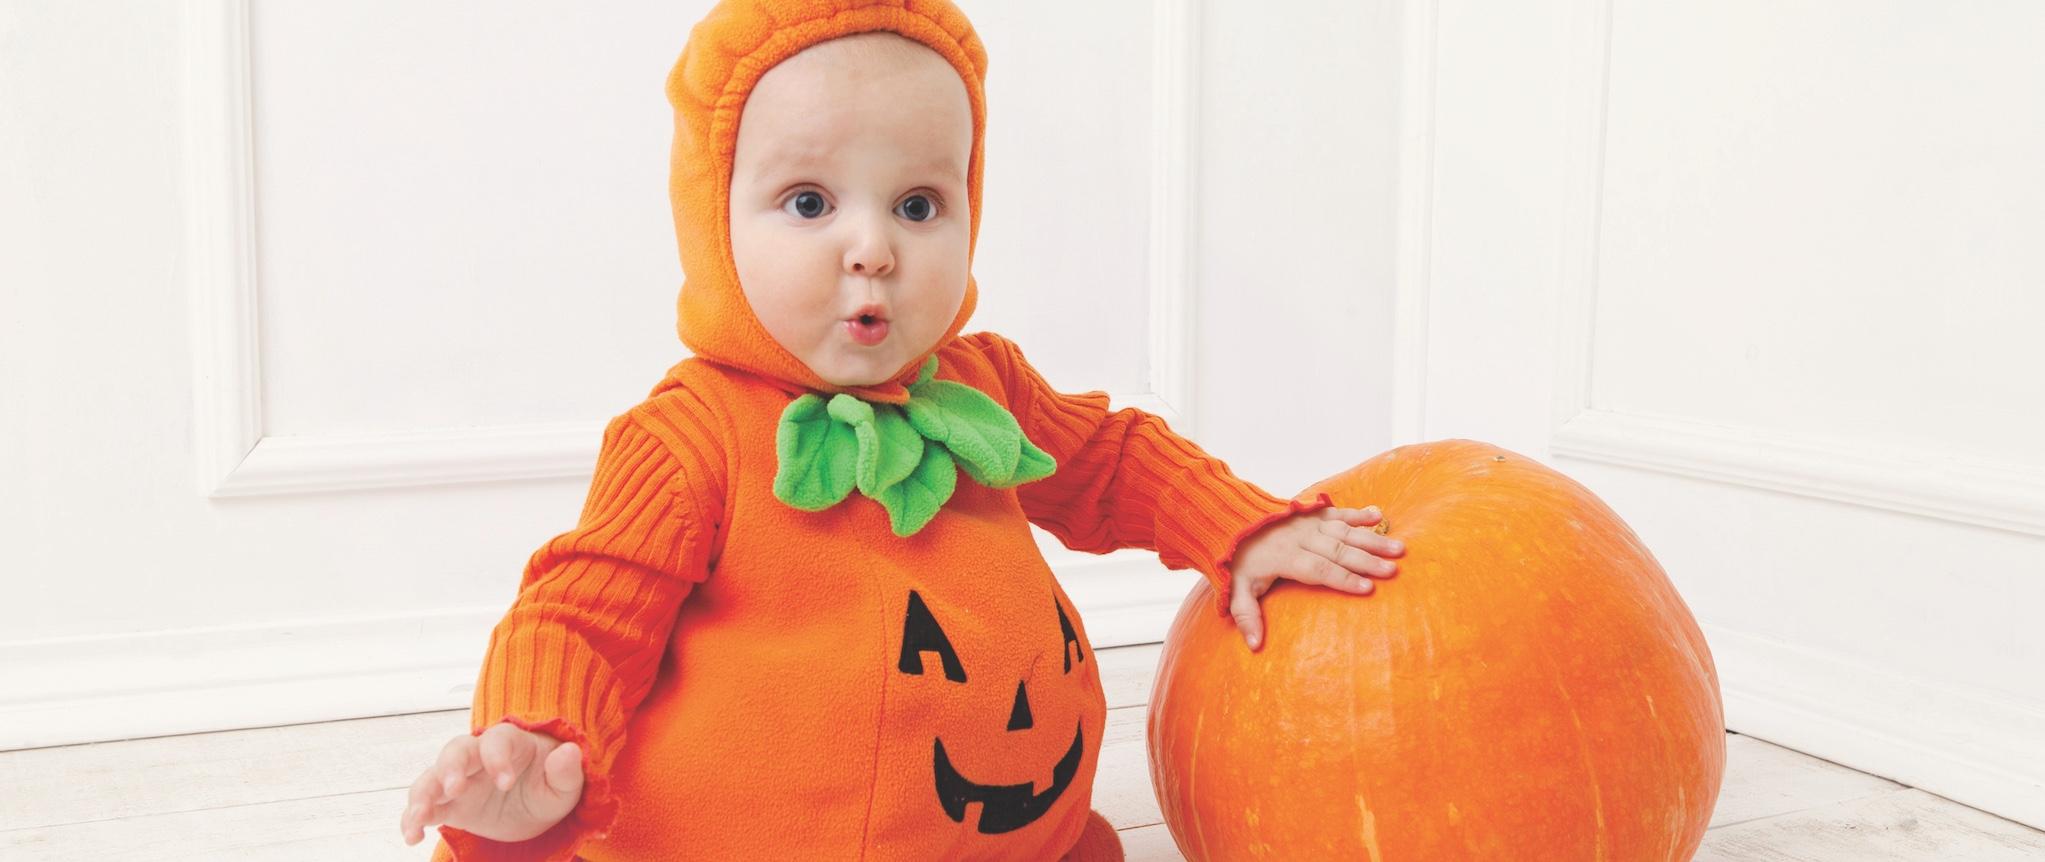 kid as pumpkin w pumpkin smllr